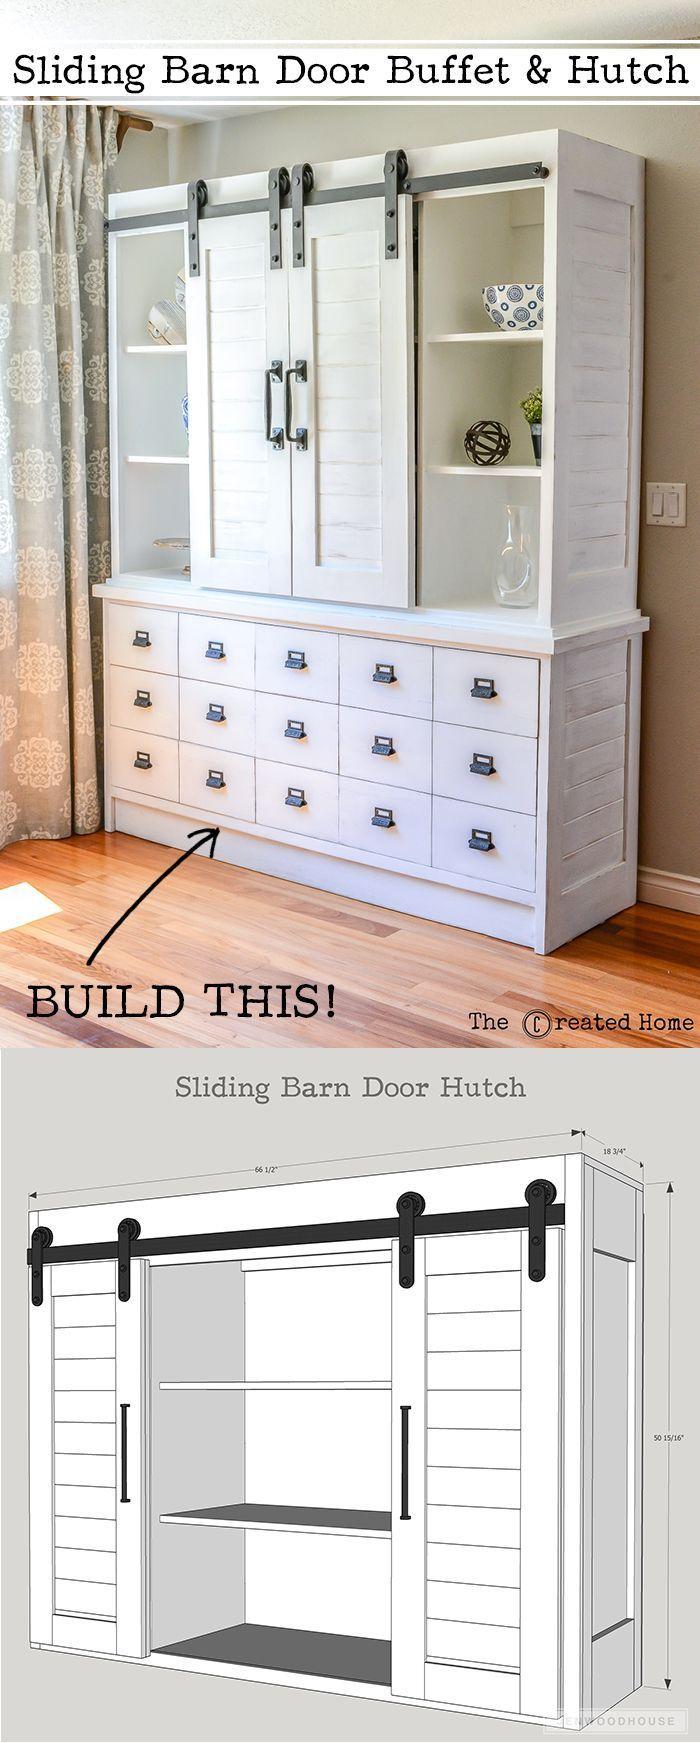 How to build a DIY farmhouse sliding barn door hutch and buffet